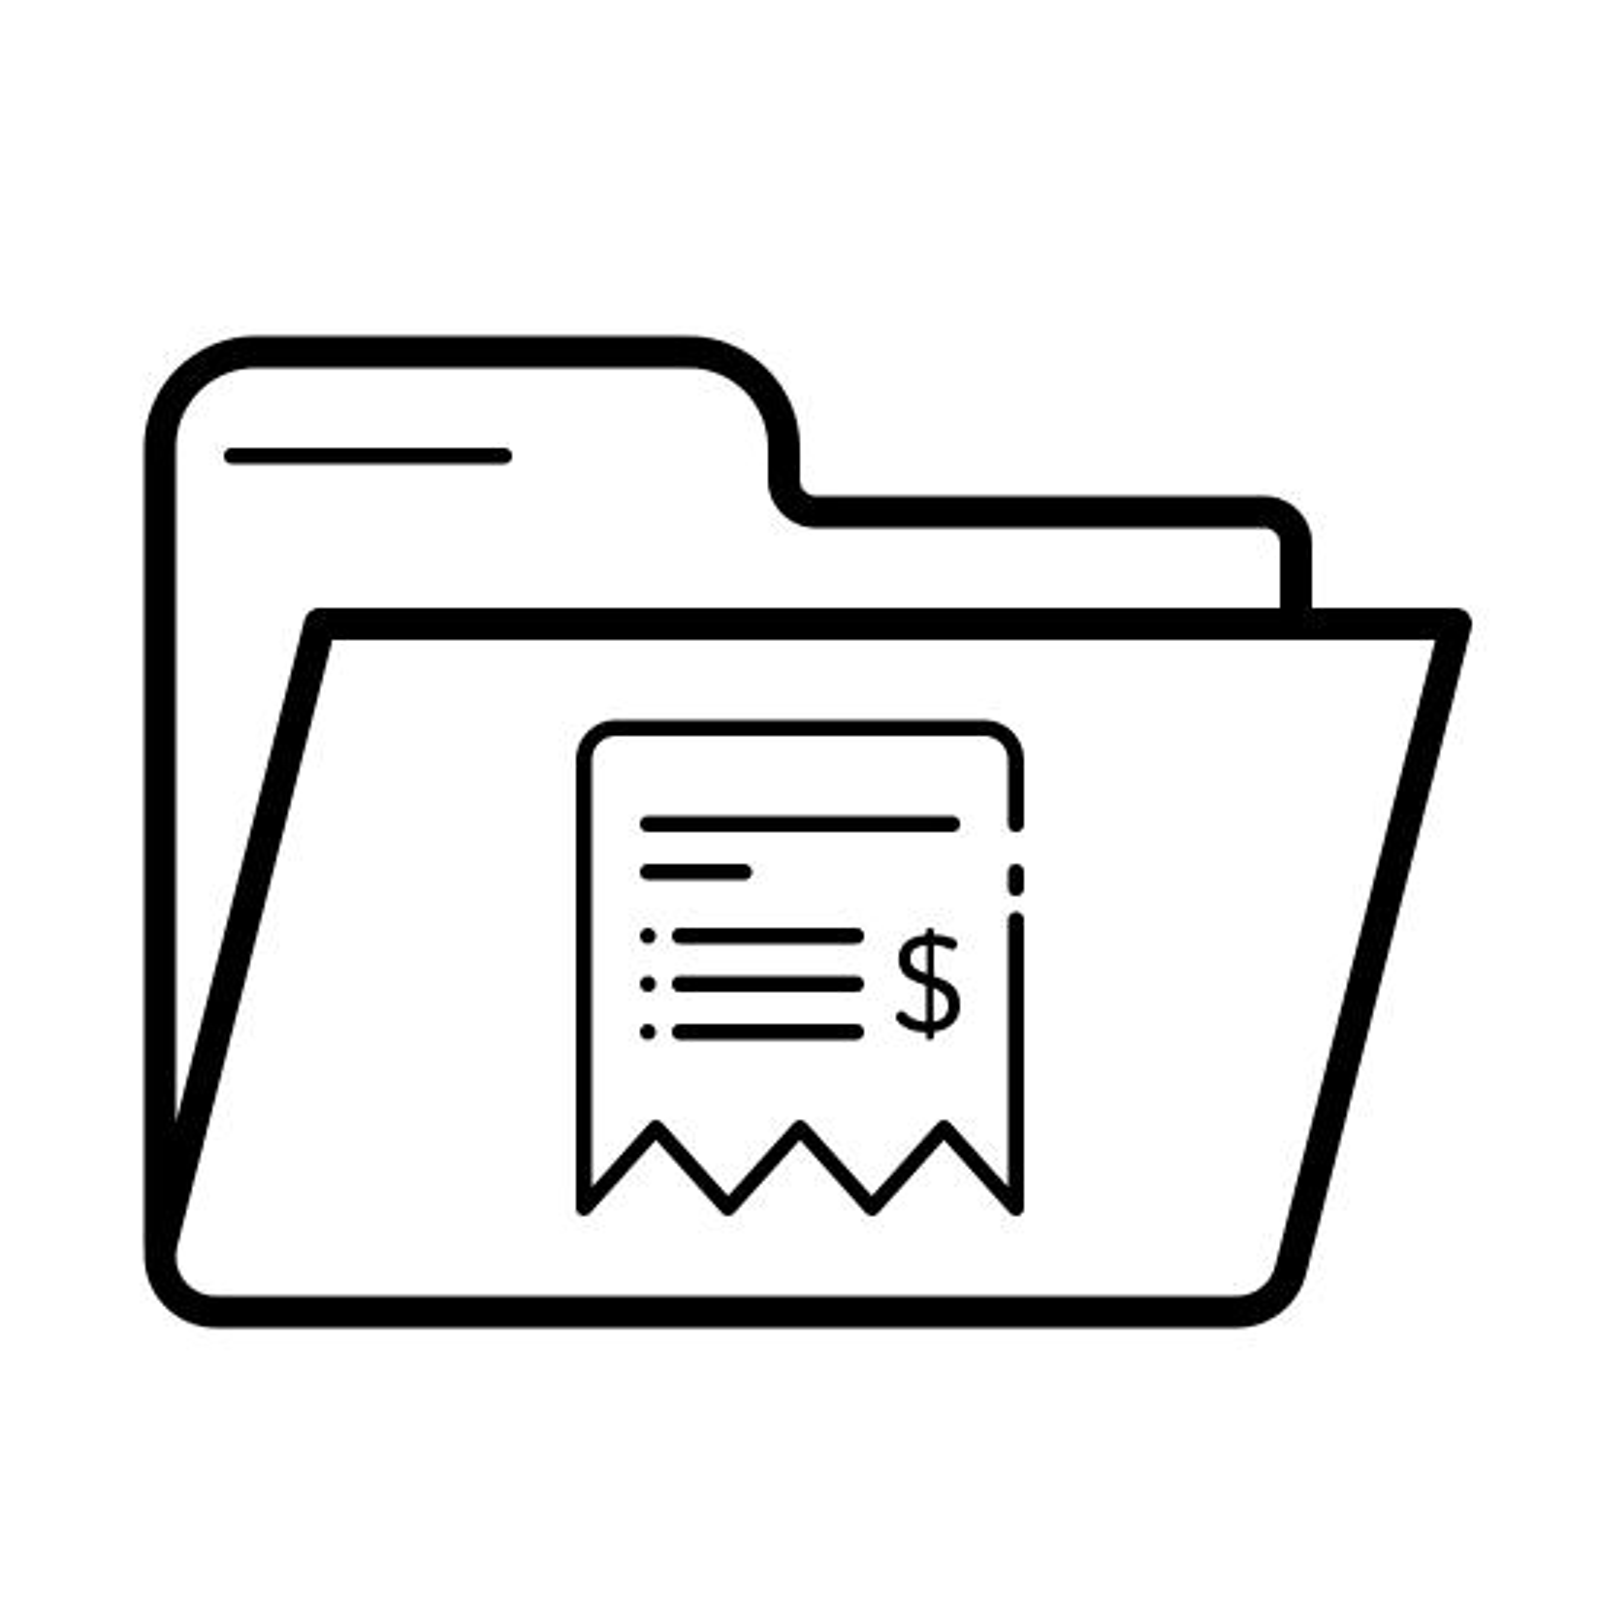 Billetes de carpeta icon